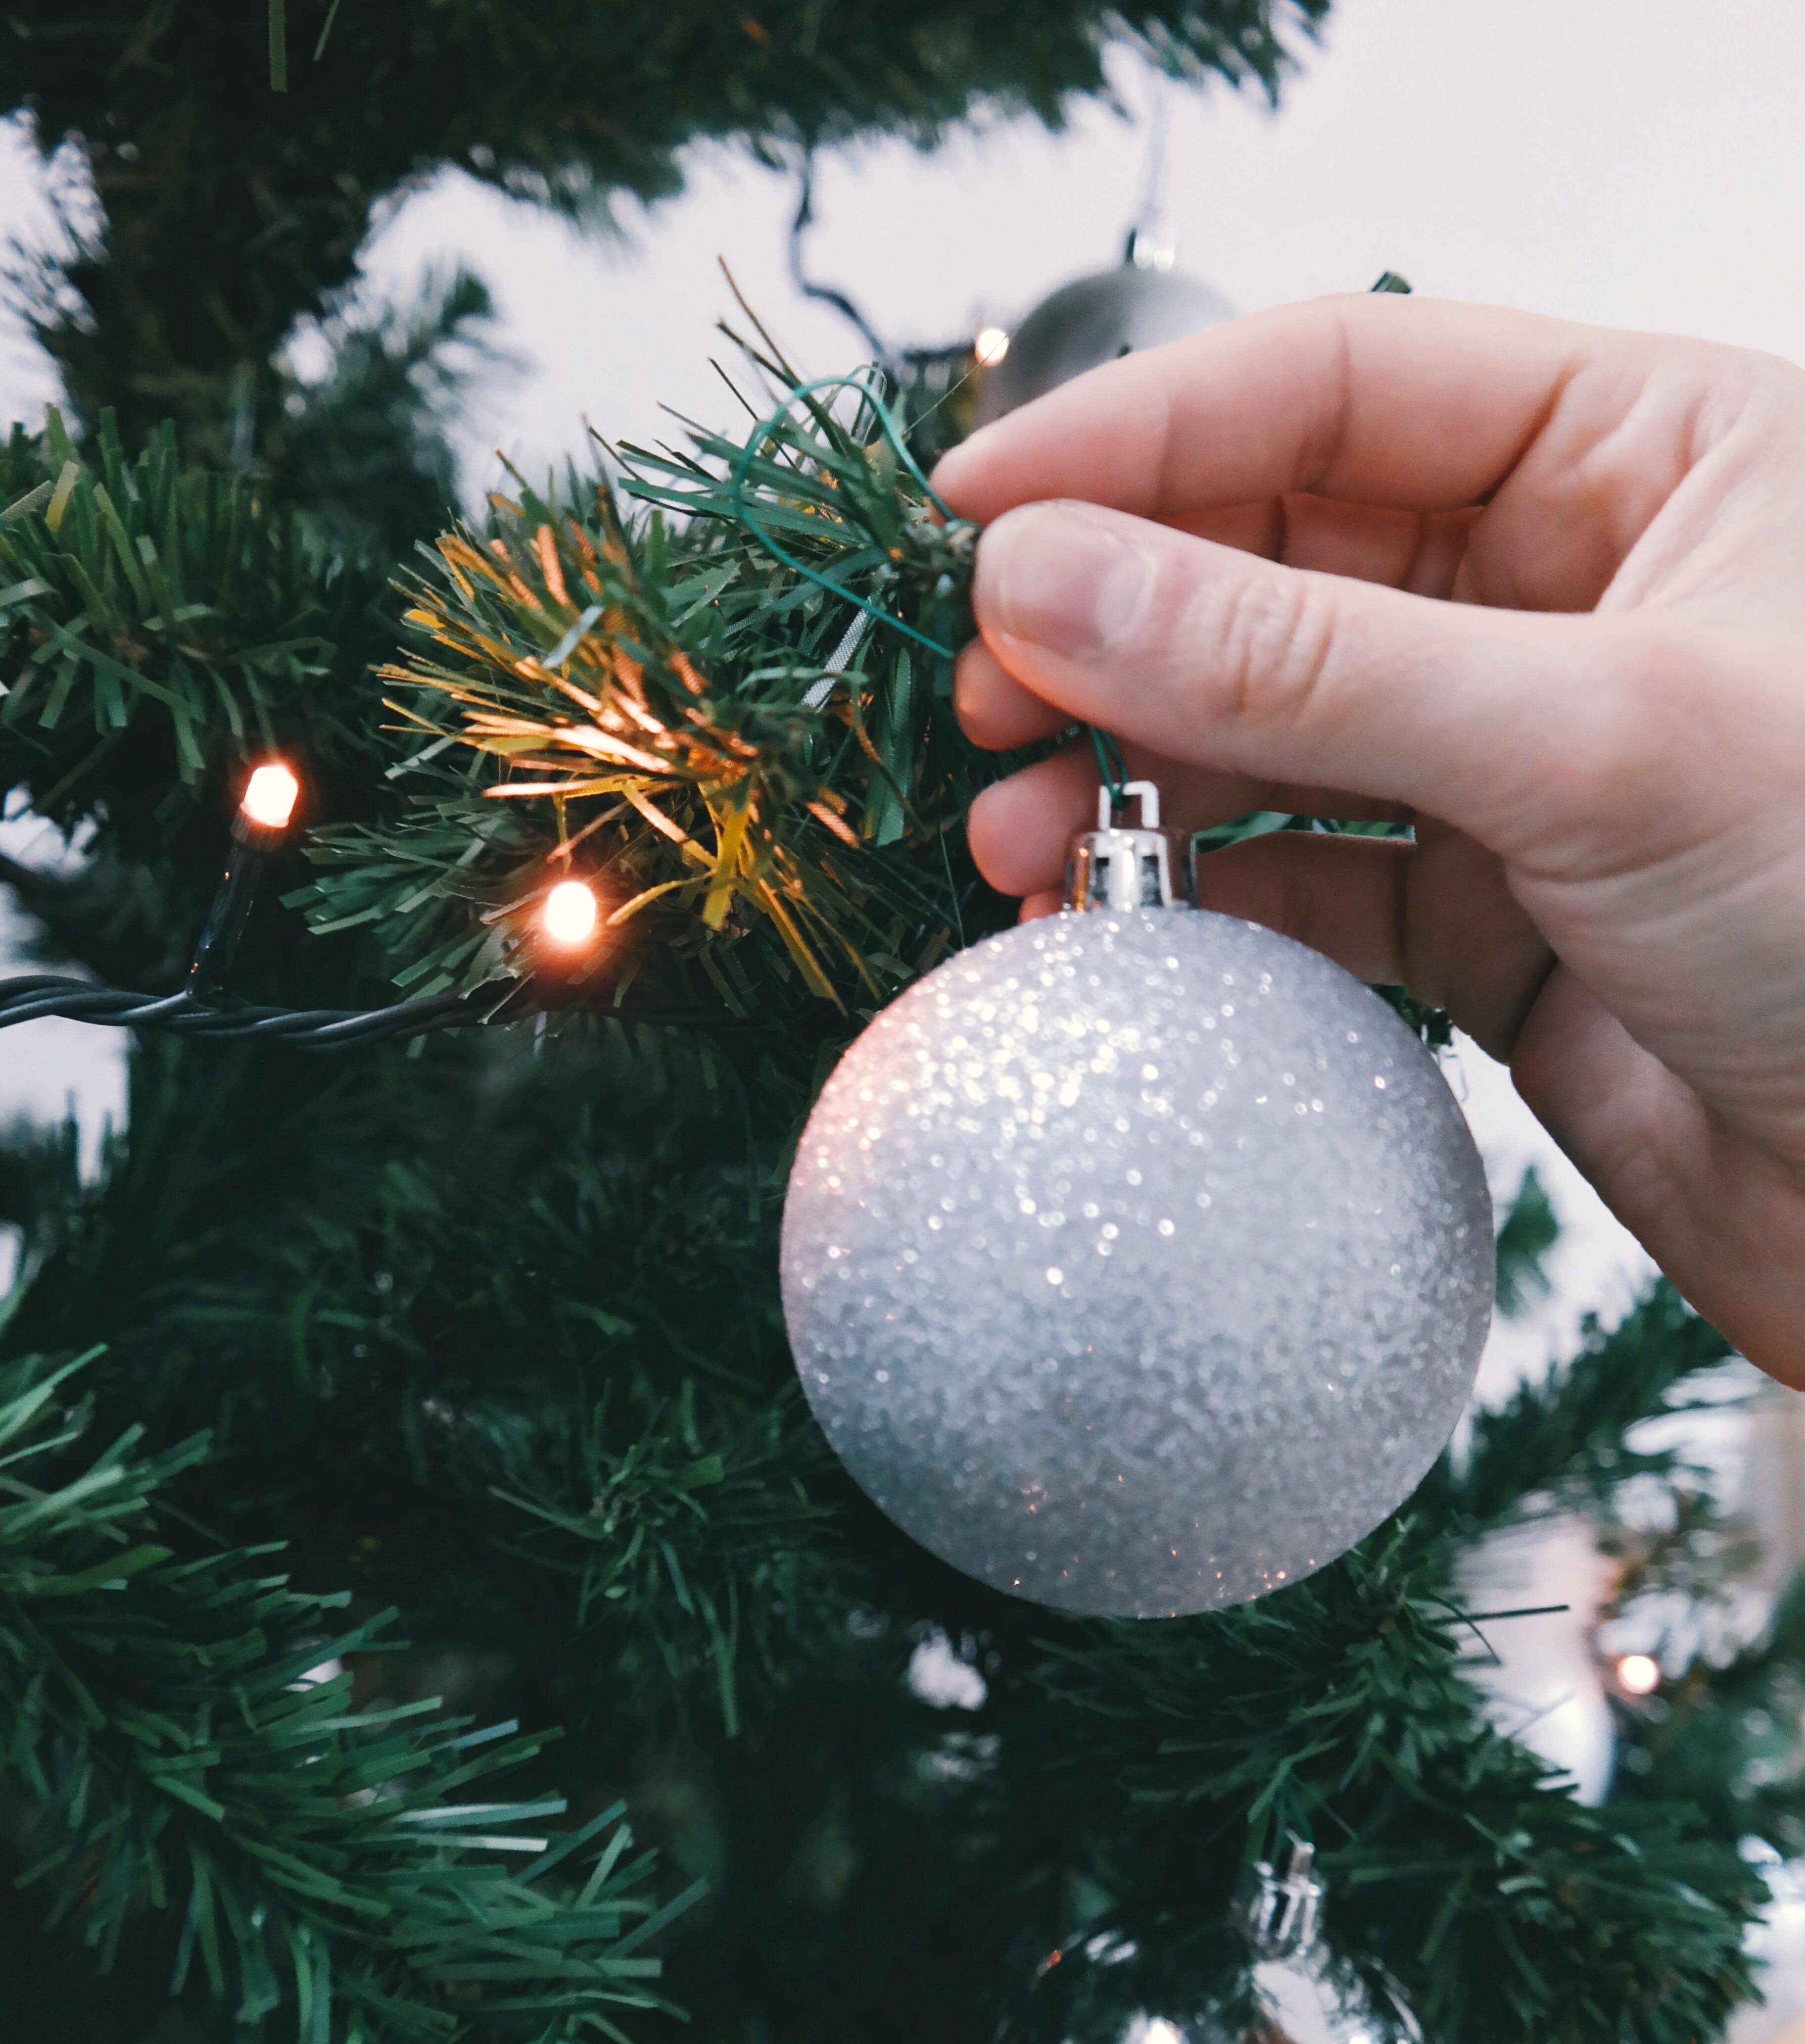 คลังภาพถ่ายฟรี ของ ของตกแต่งวันคริสต์มาส, คริสต์มาส, งานเฉลิมฉลอง, ตกแต่งคริสต์มาส